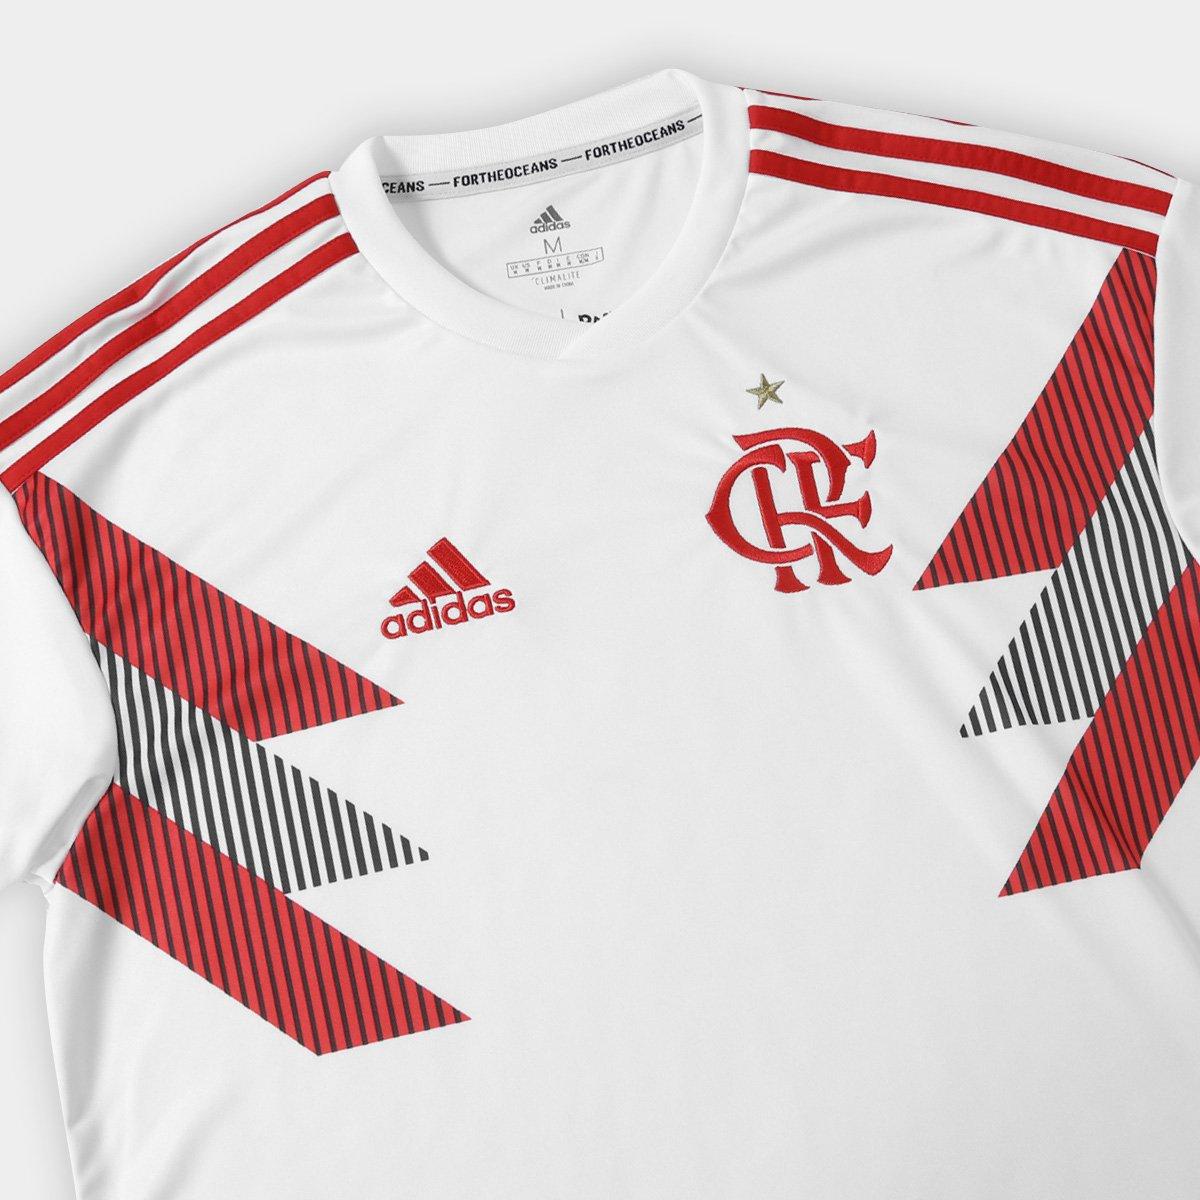 Camisa Flamengo Pré Jogo Adidas Masculina - Branco - Compre Agora ... 205a57bd53bf5